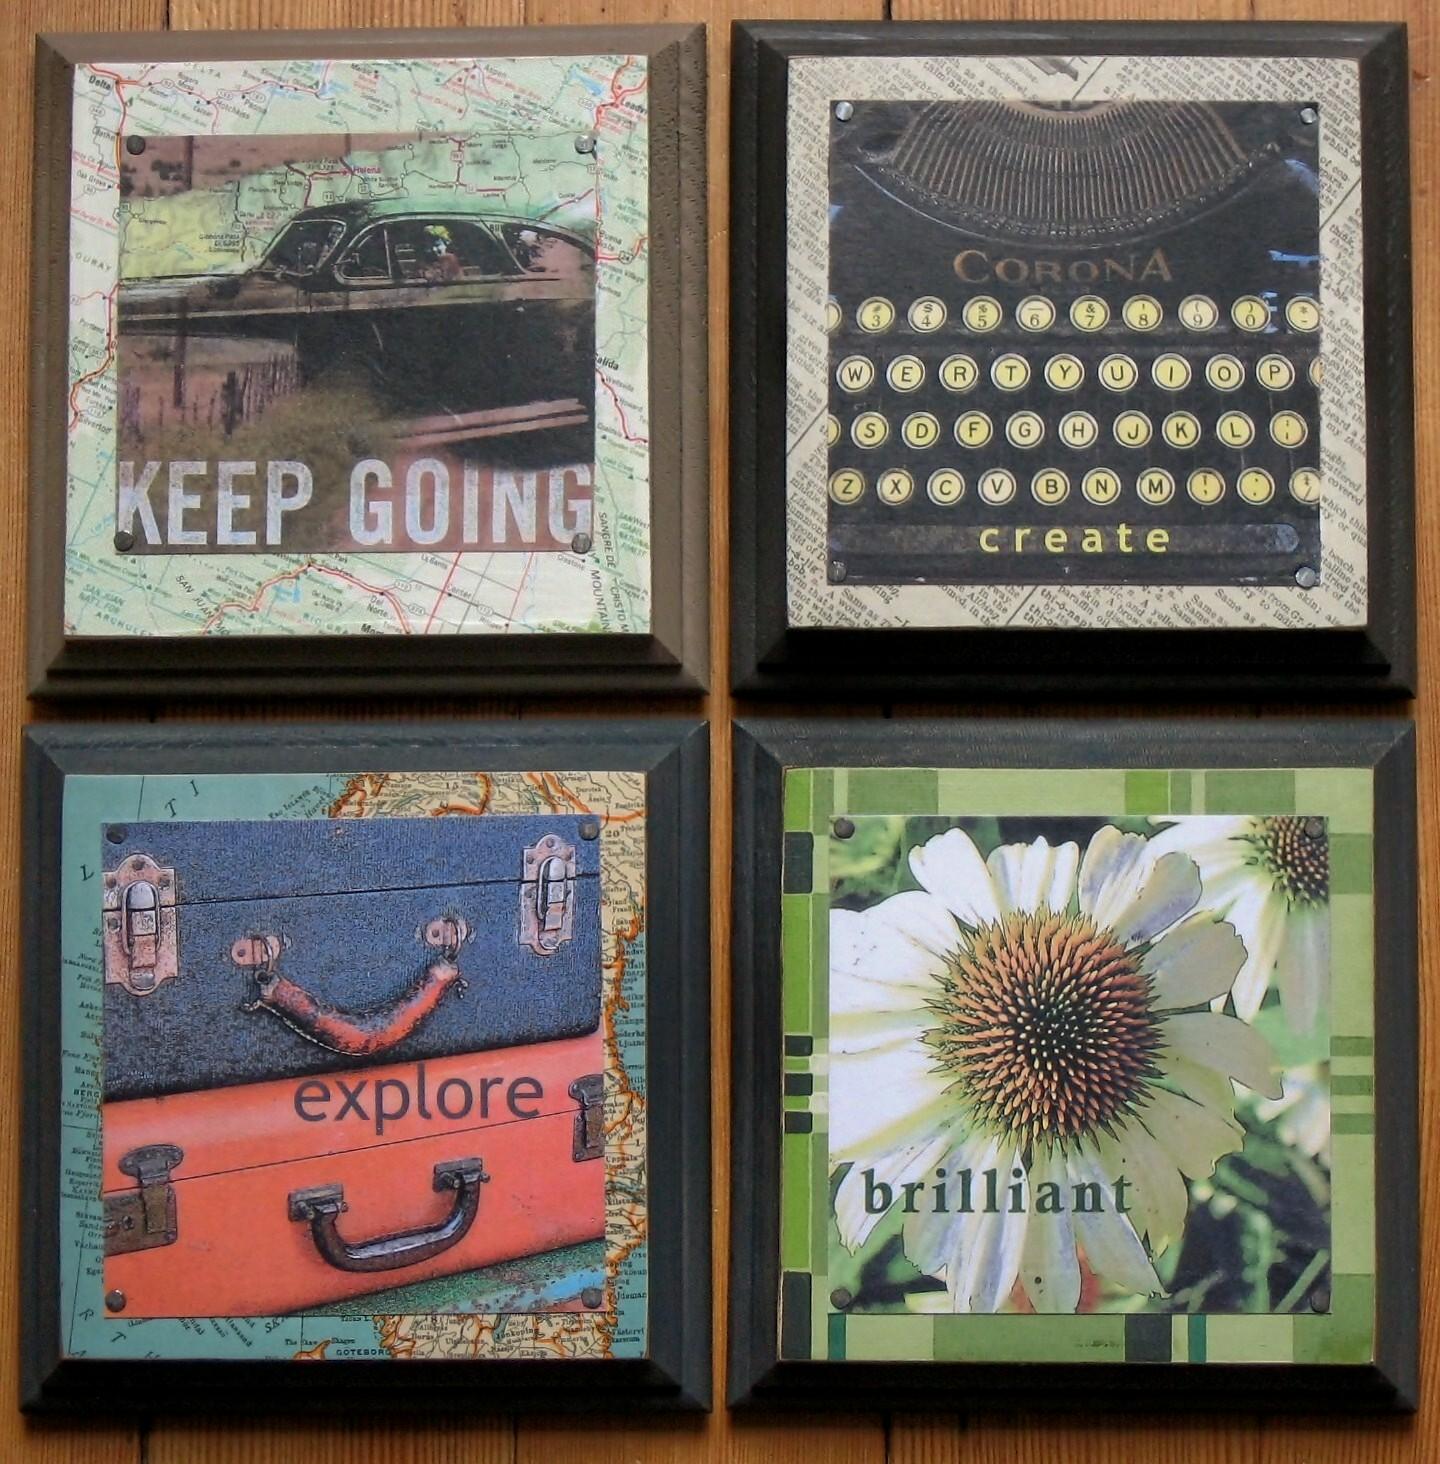 http://3.bp.blogspot.com/-EfMLXesZsZI/TiiBuwAanPI/AAAAAAAABx8/XvZl2iqiDWc/s1600/inspire+squares.JPG